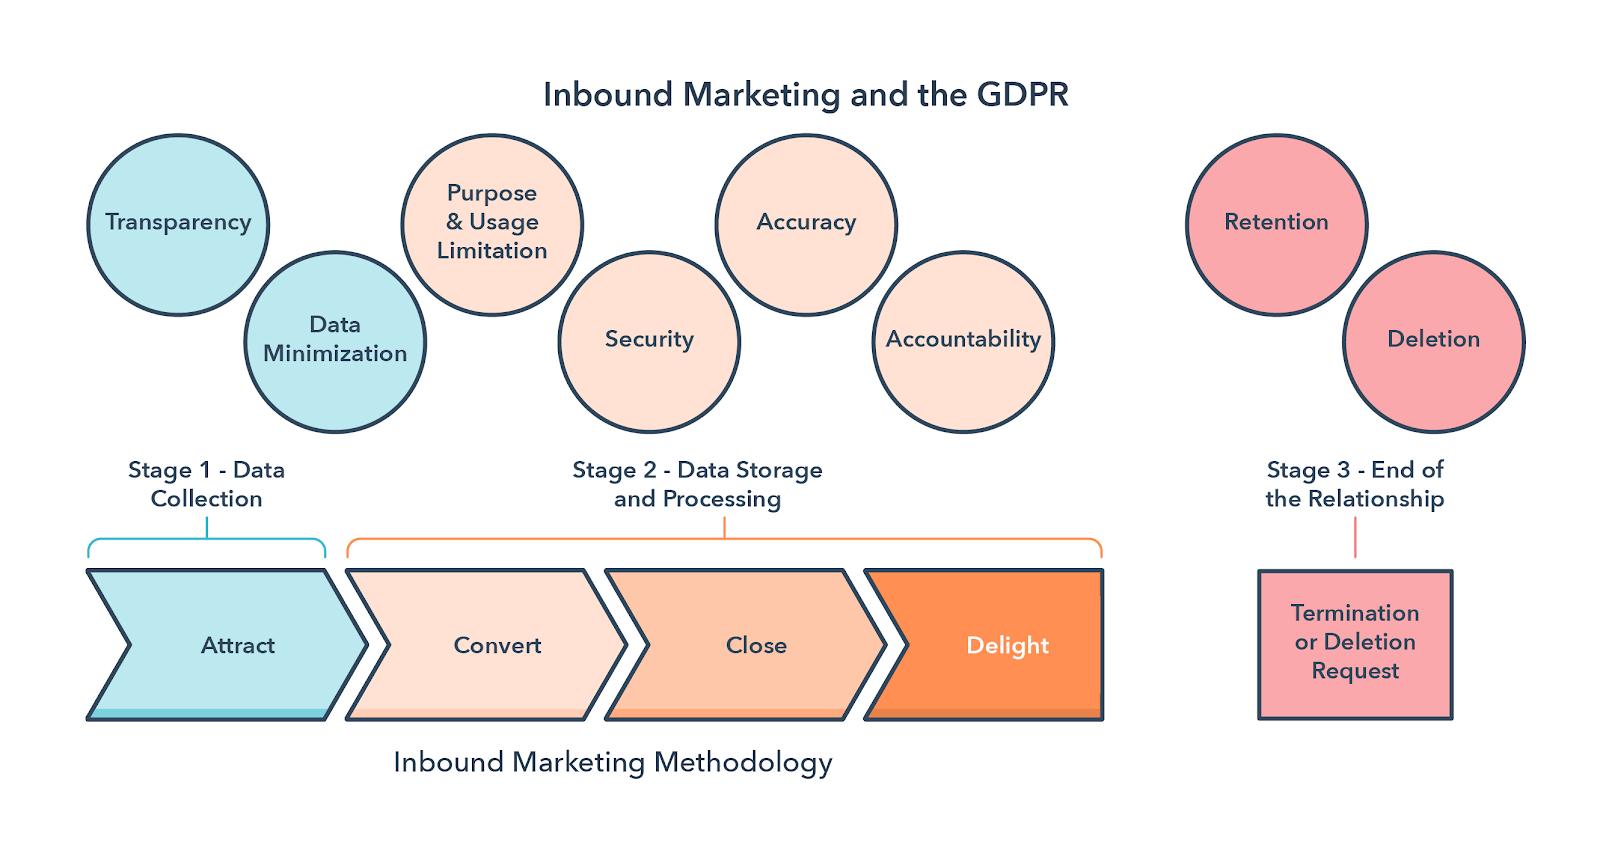 Inbound-Marketing-Methodology-GDPR